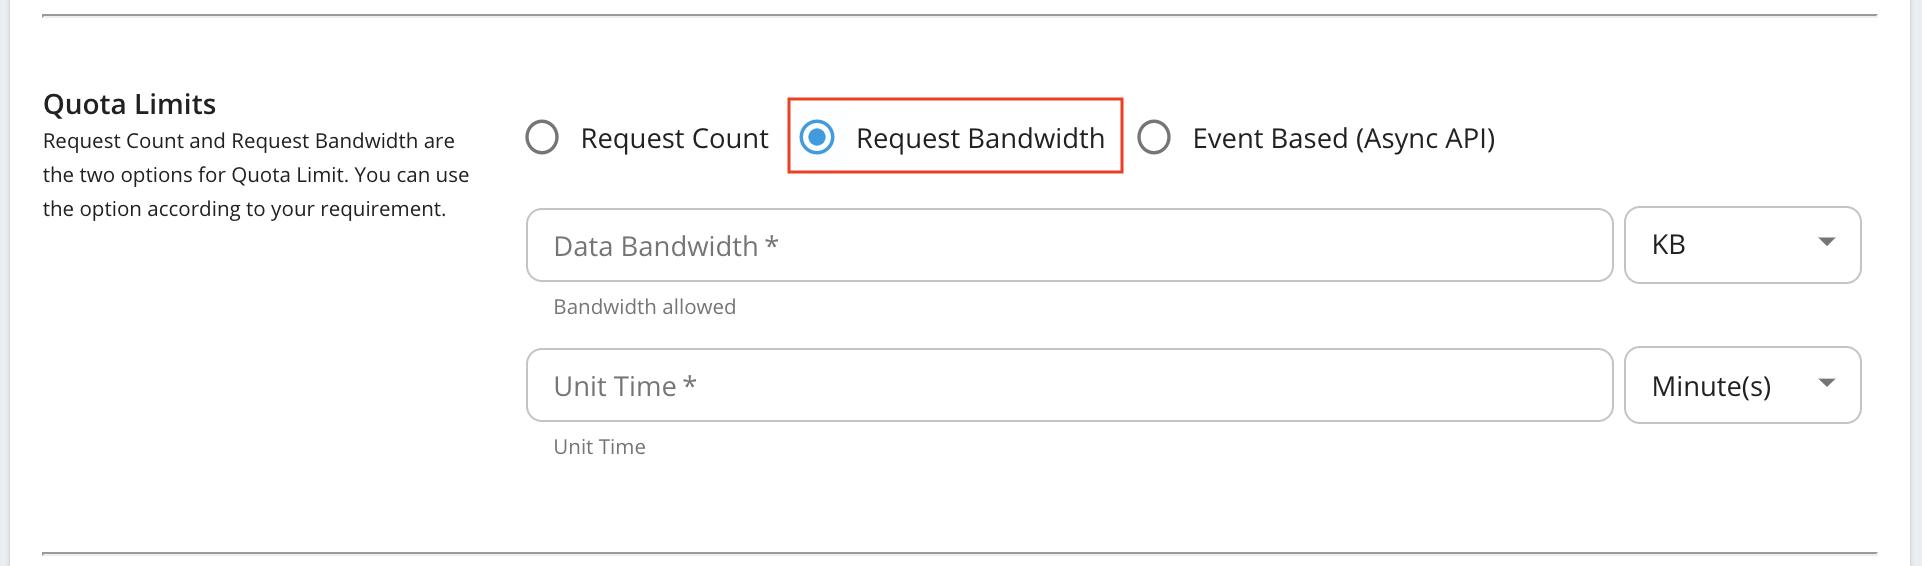 Request bandwidth based quota limits